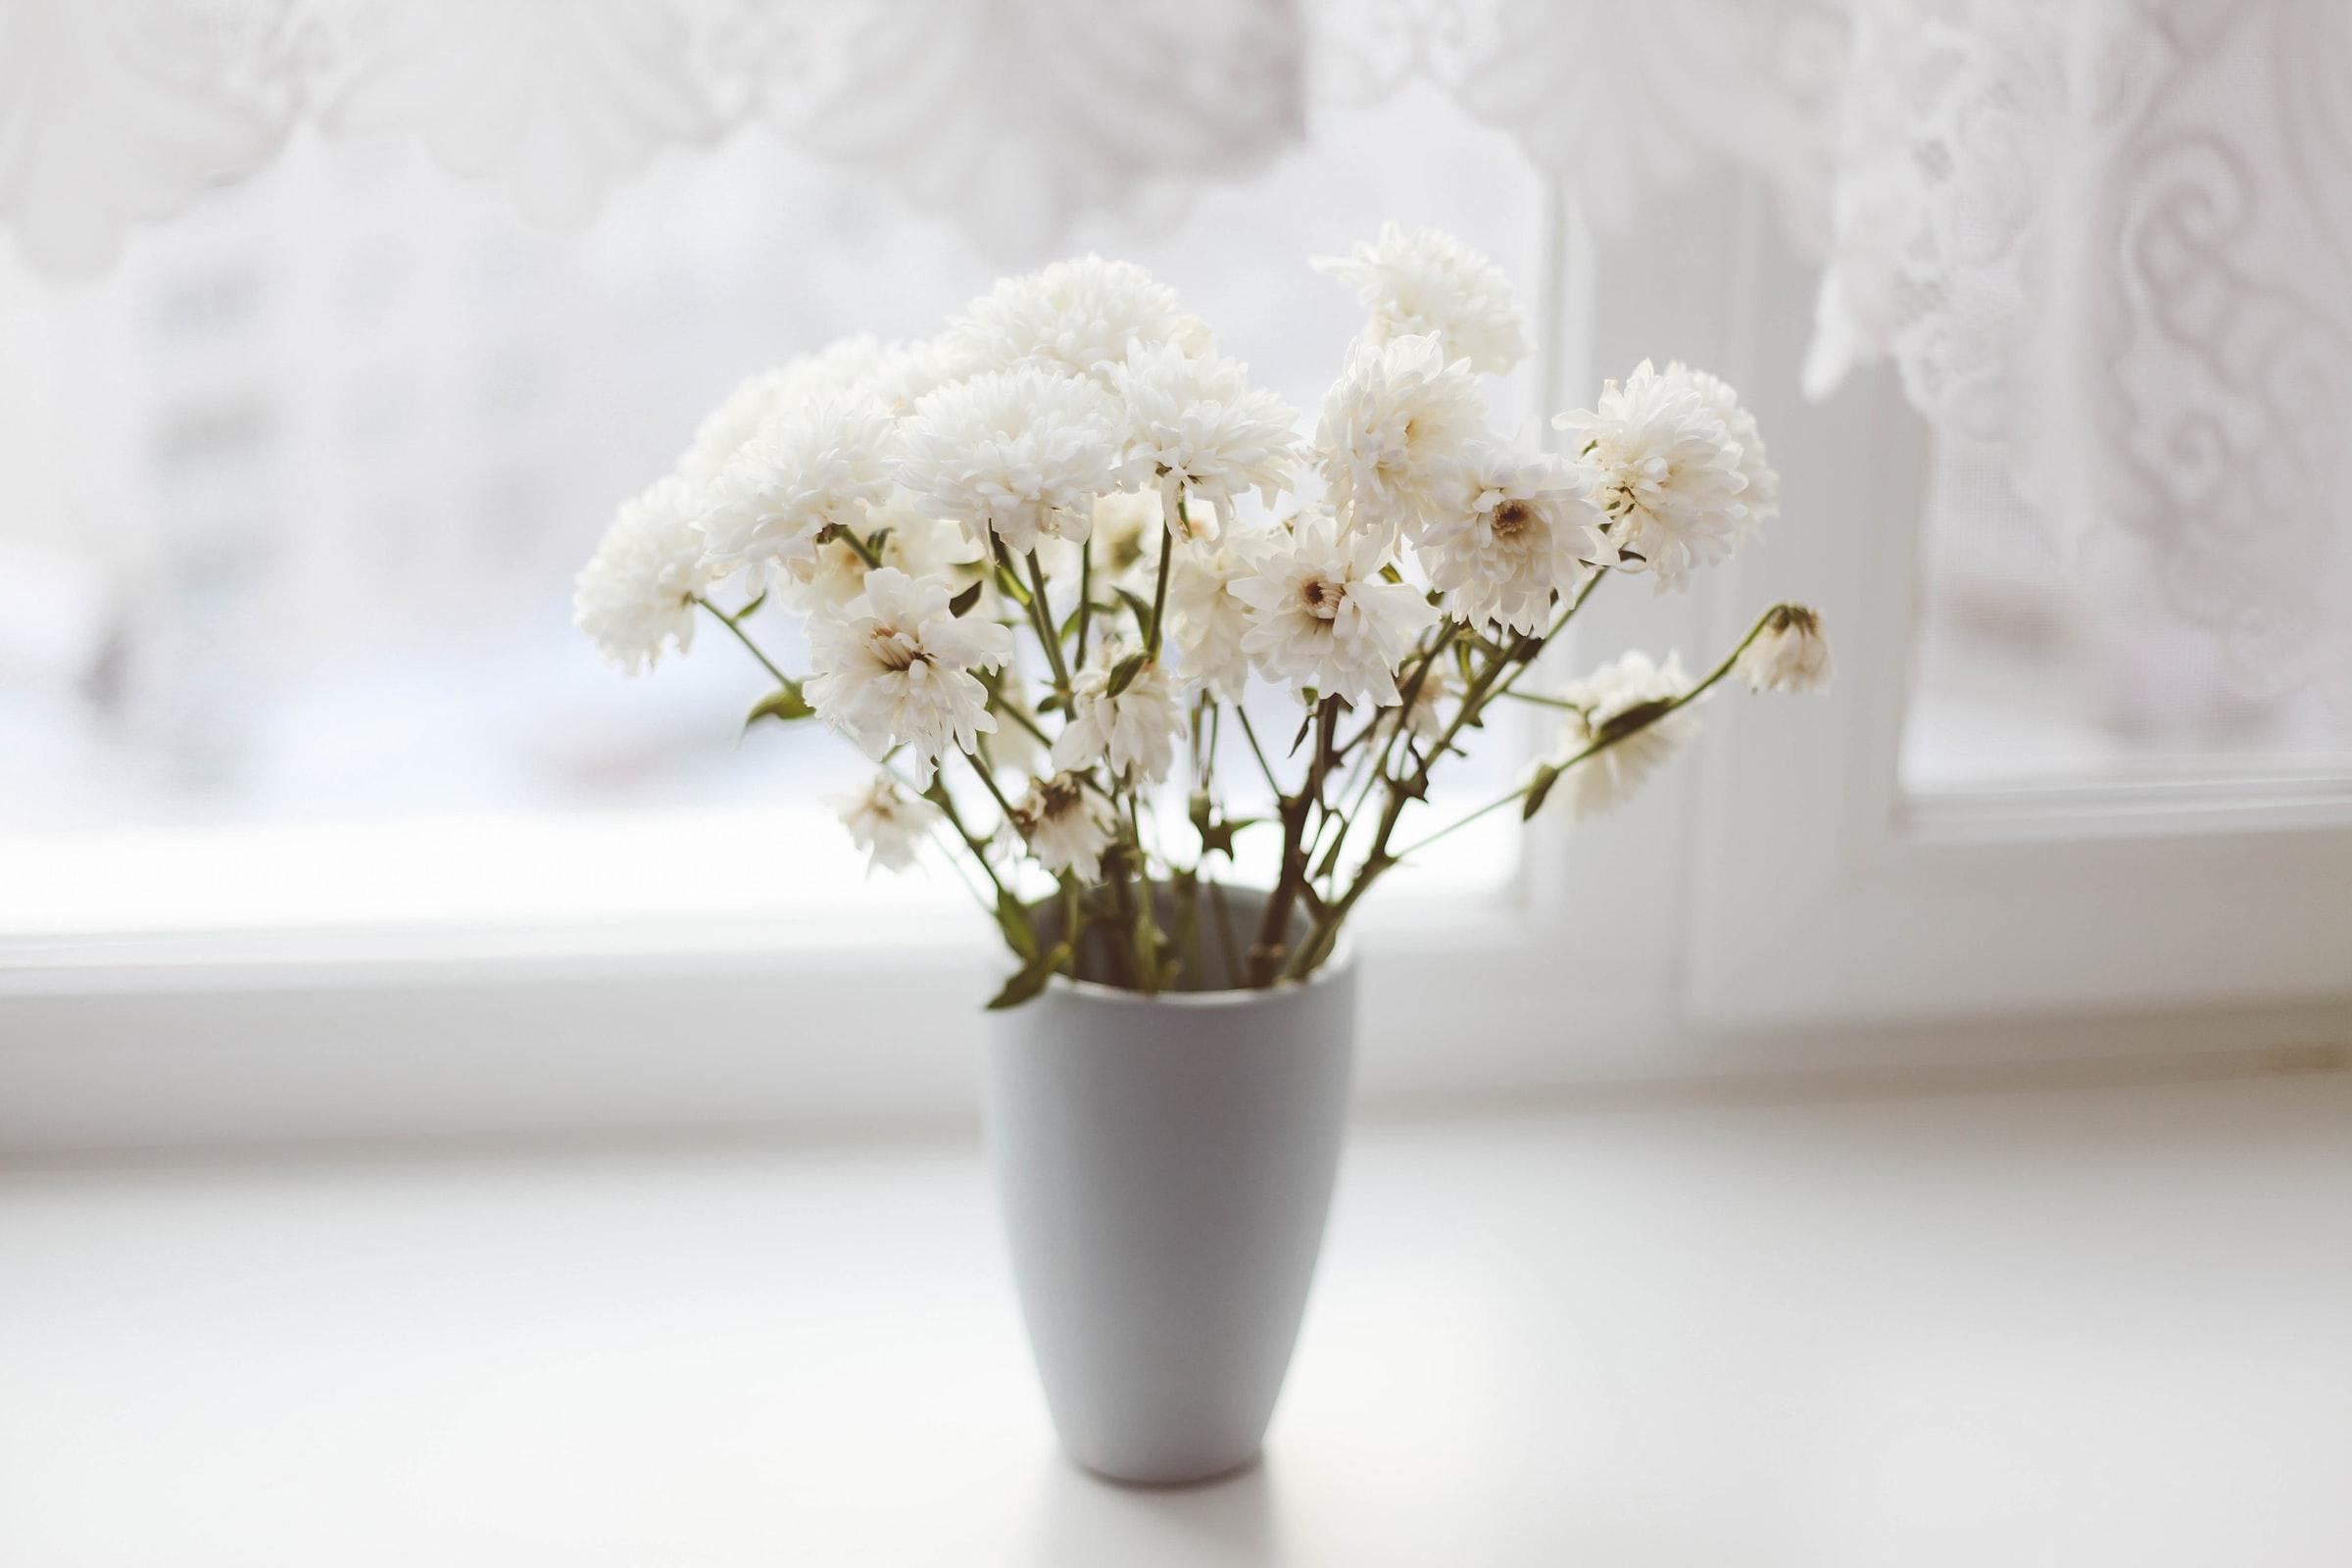 Valkoisia kukkia ikkunalaudalla